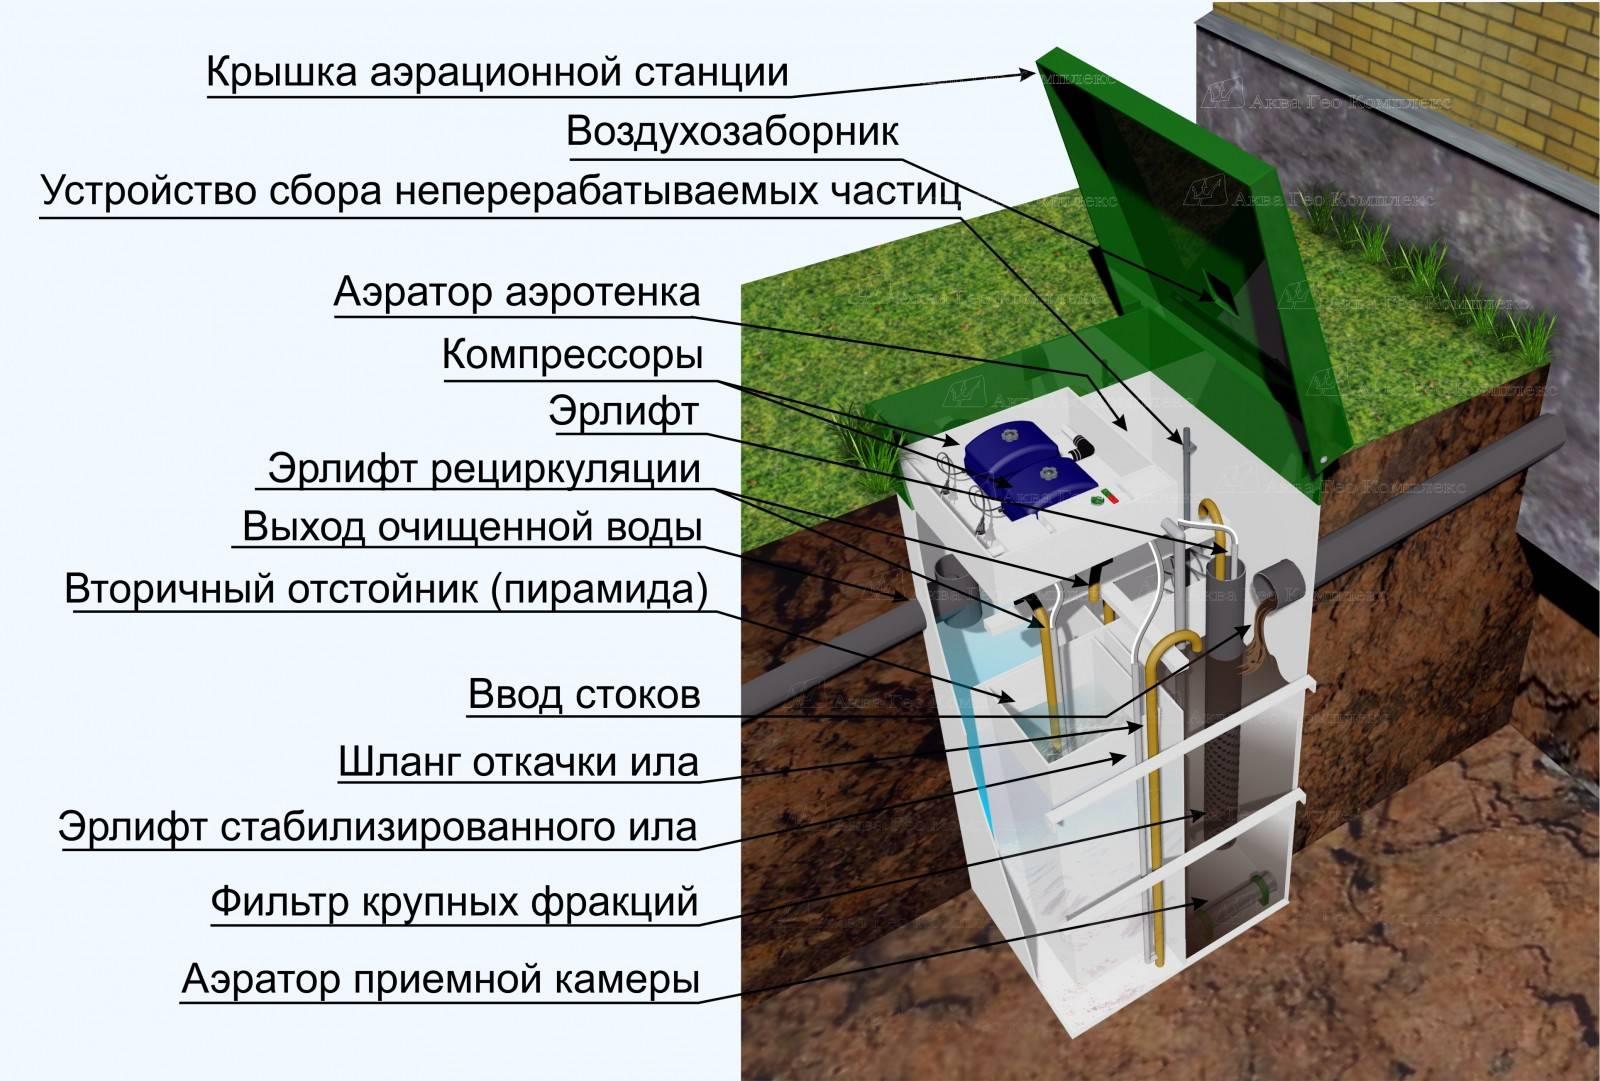 Автономная канализация отзывы: какая лучше для частного дома